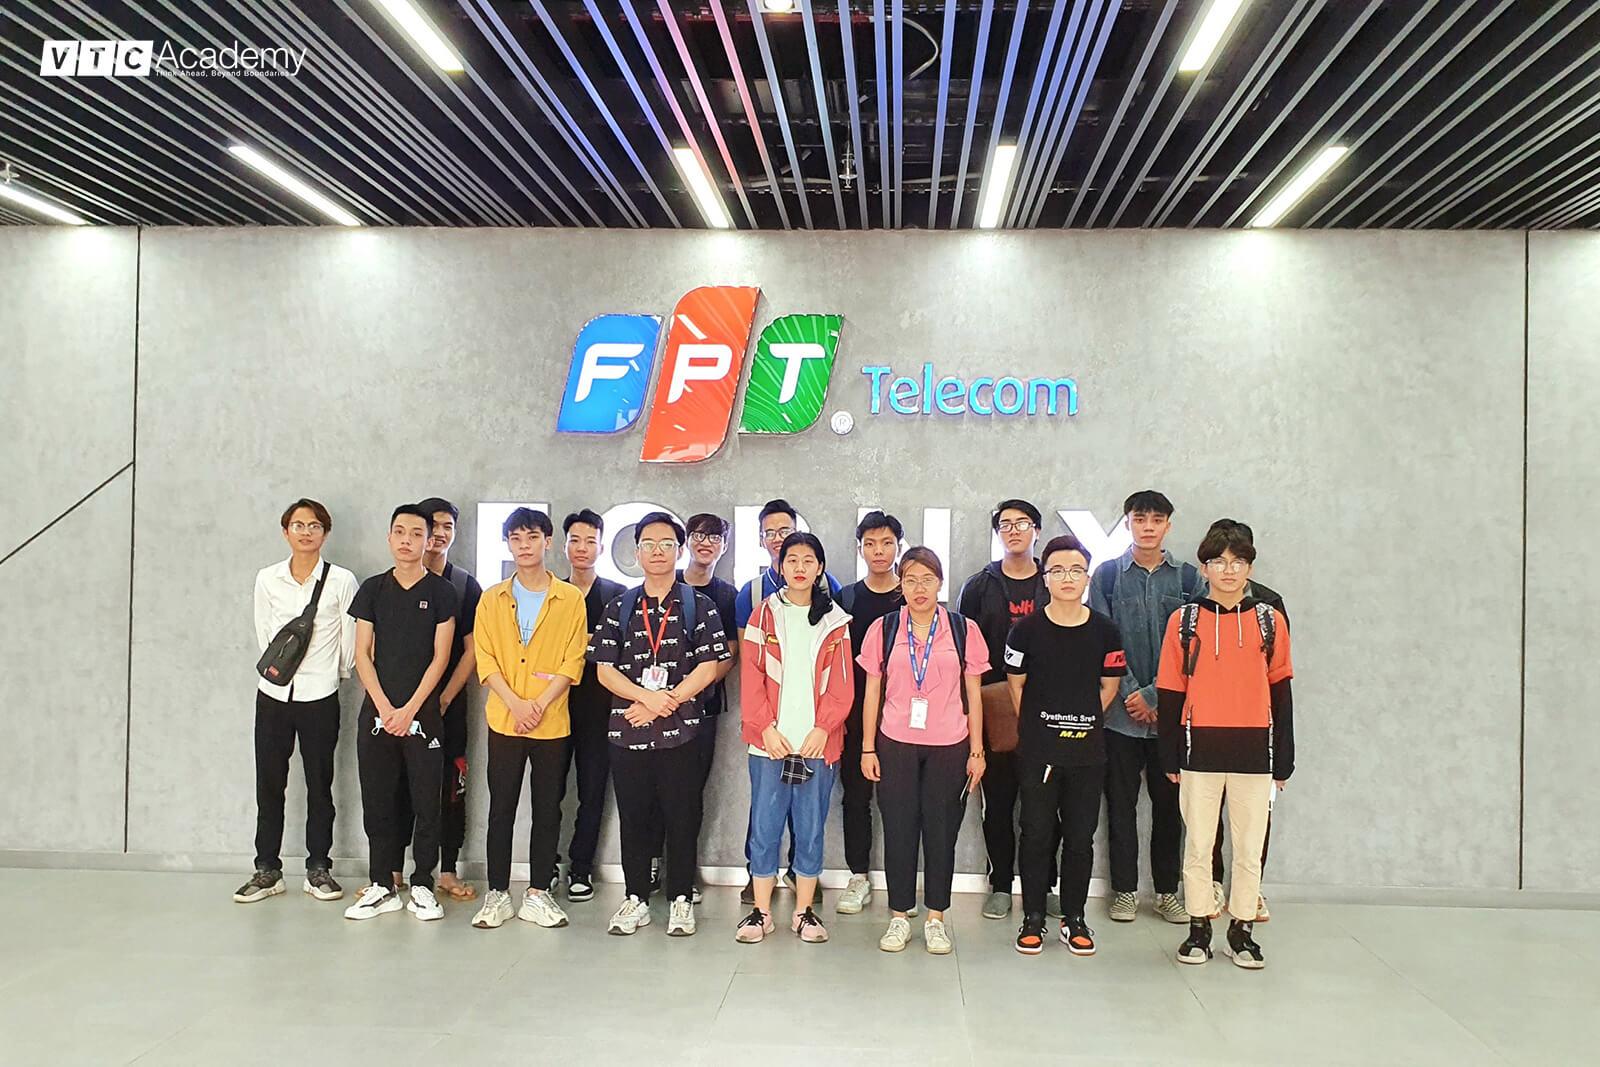 VTC Academy tổ chức chuyến thăm FPT Telecom dành cho học viên Hà Nội